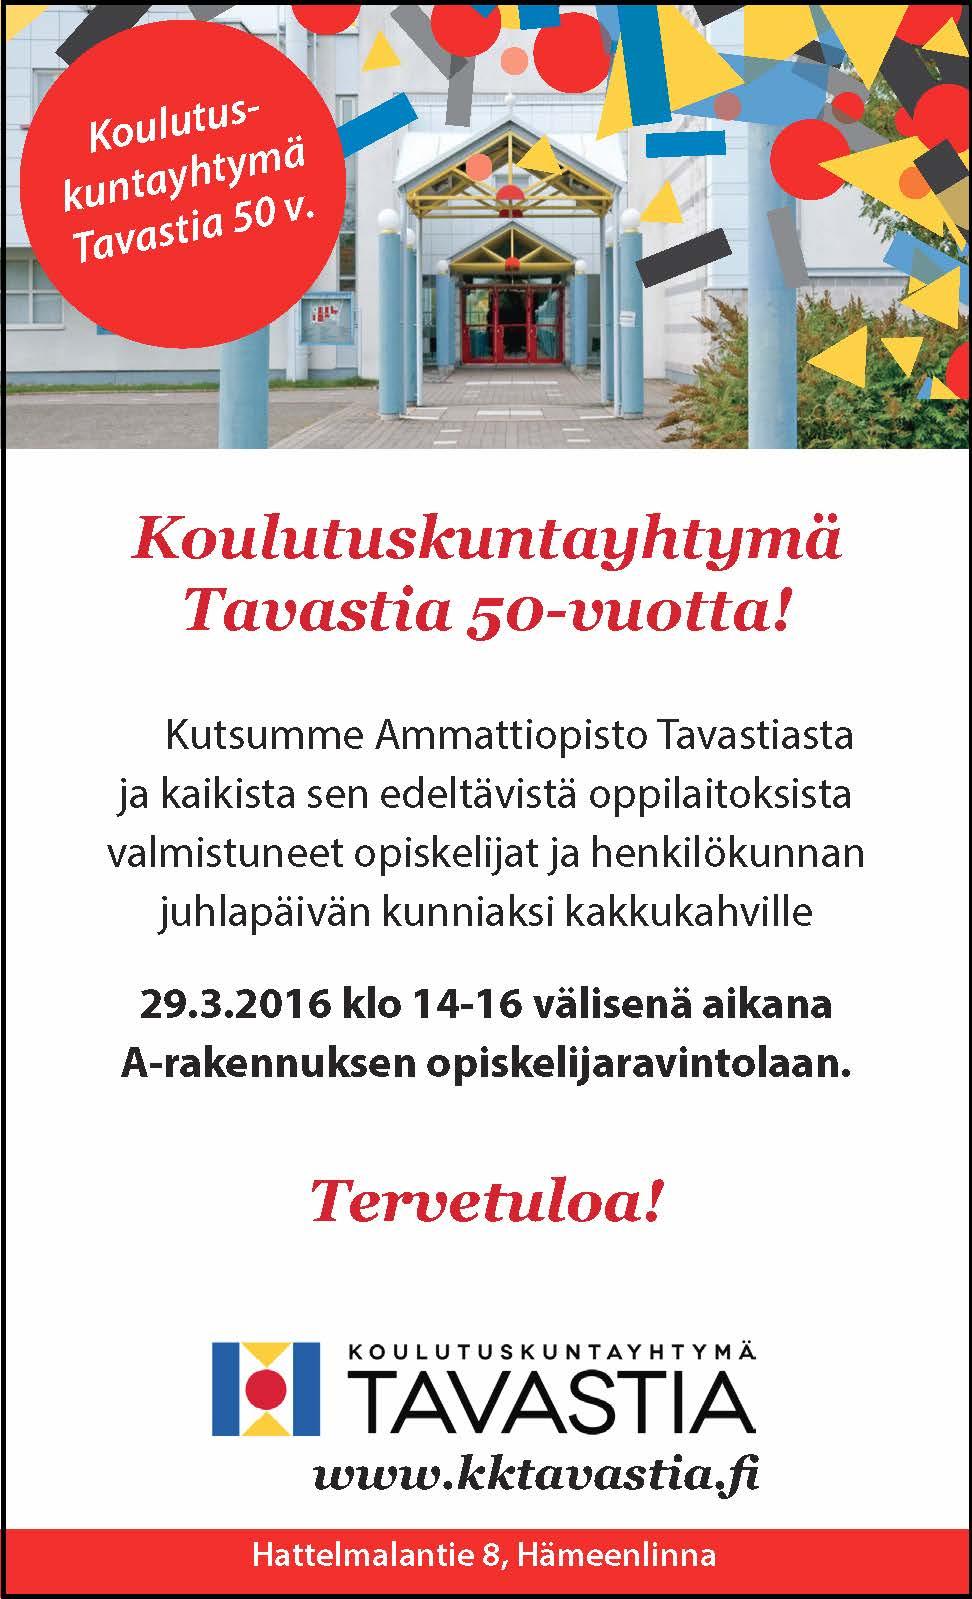 Koulutuskuntayhtymä 50-vuotta, KU 23.3.2016